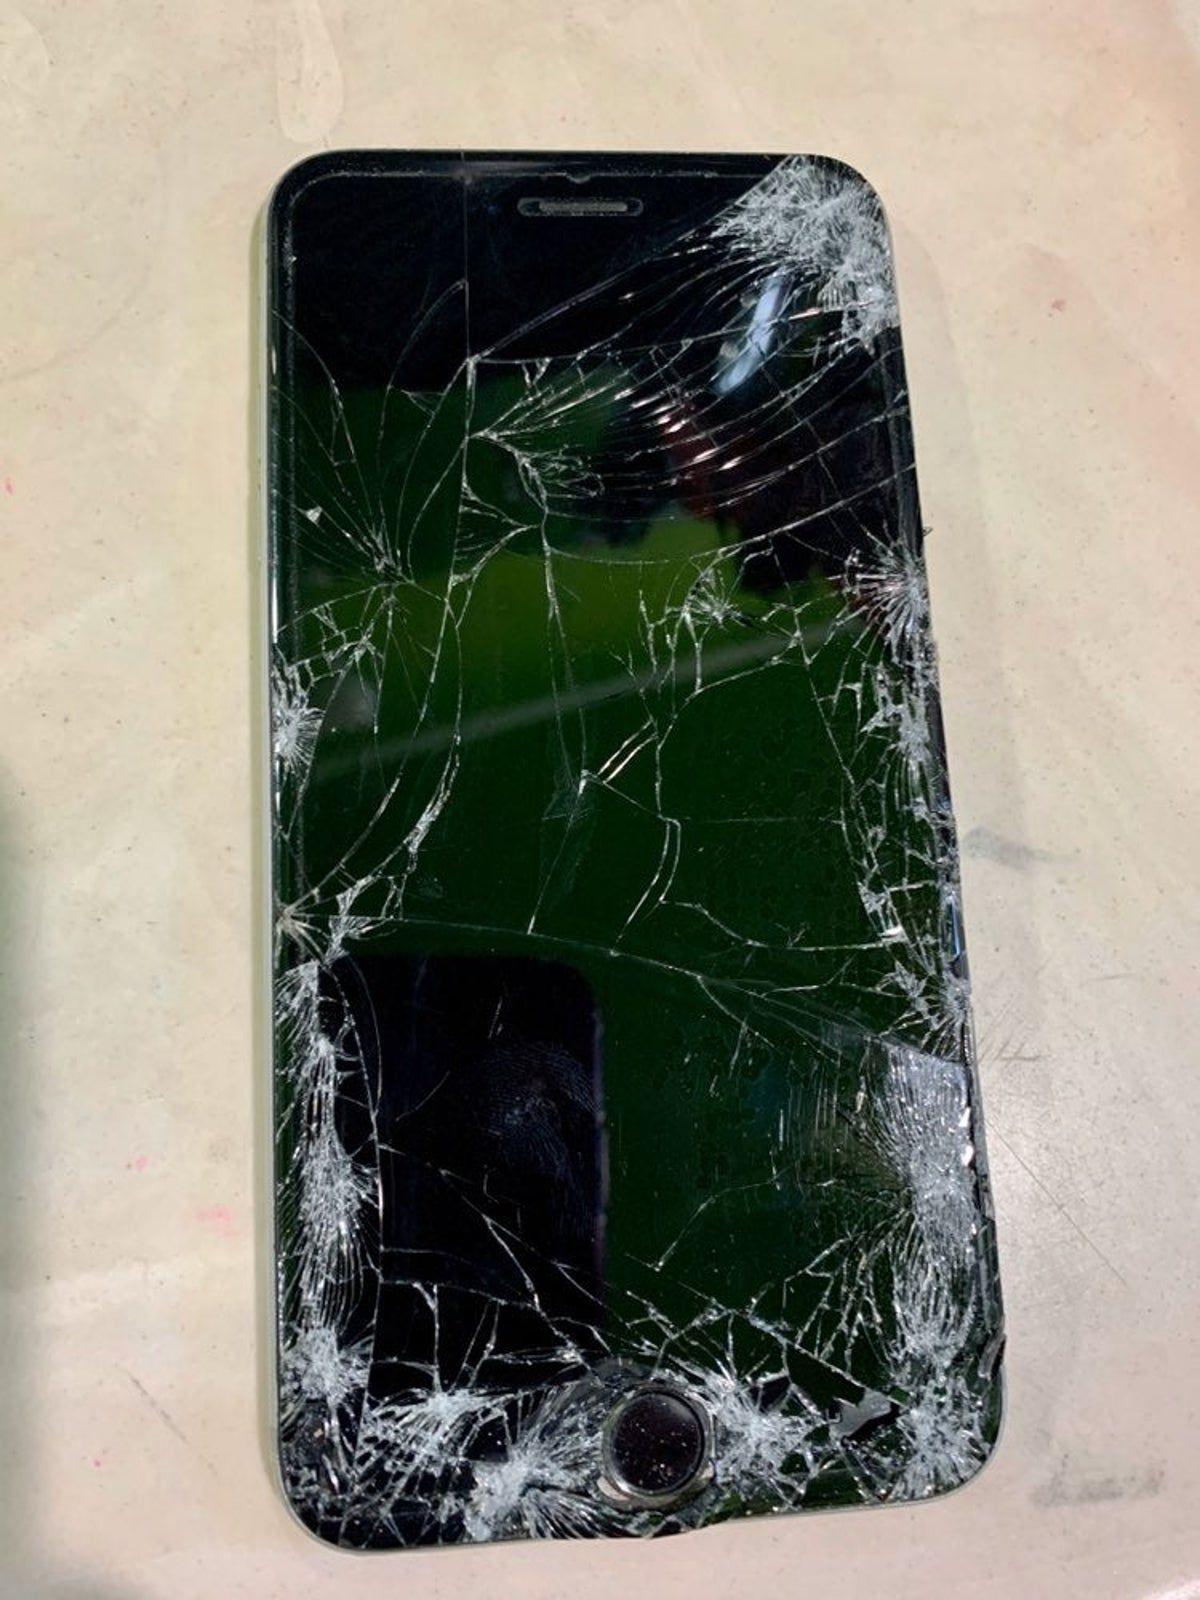 Broken Screen Iphone 6 Plus Broken Iphone Screen Broken Screen Cracked Phone Screen Iphone 6 plus defective screen wallpaper